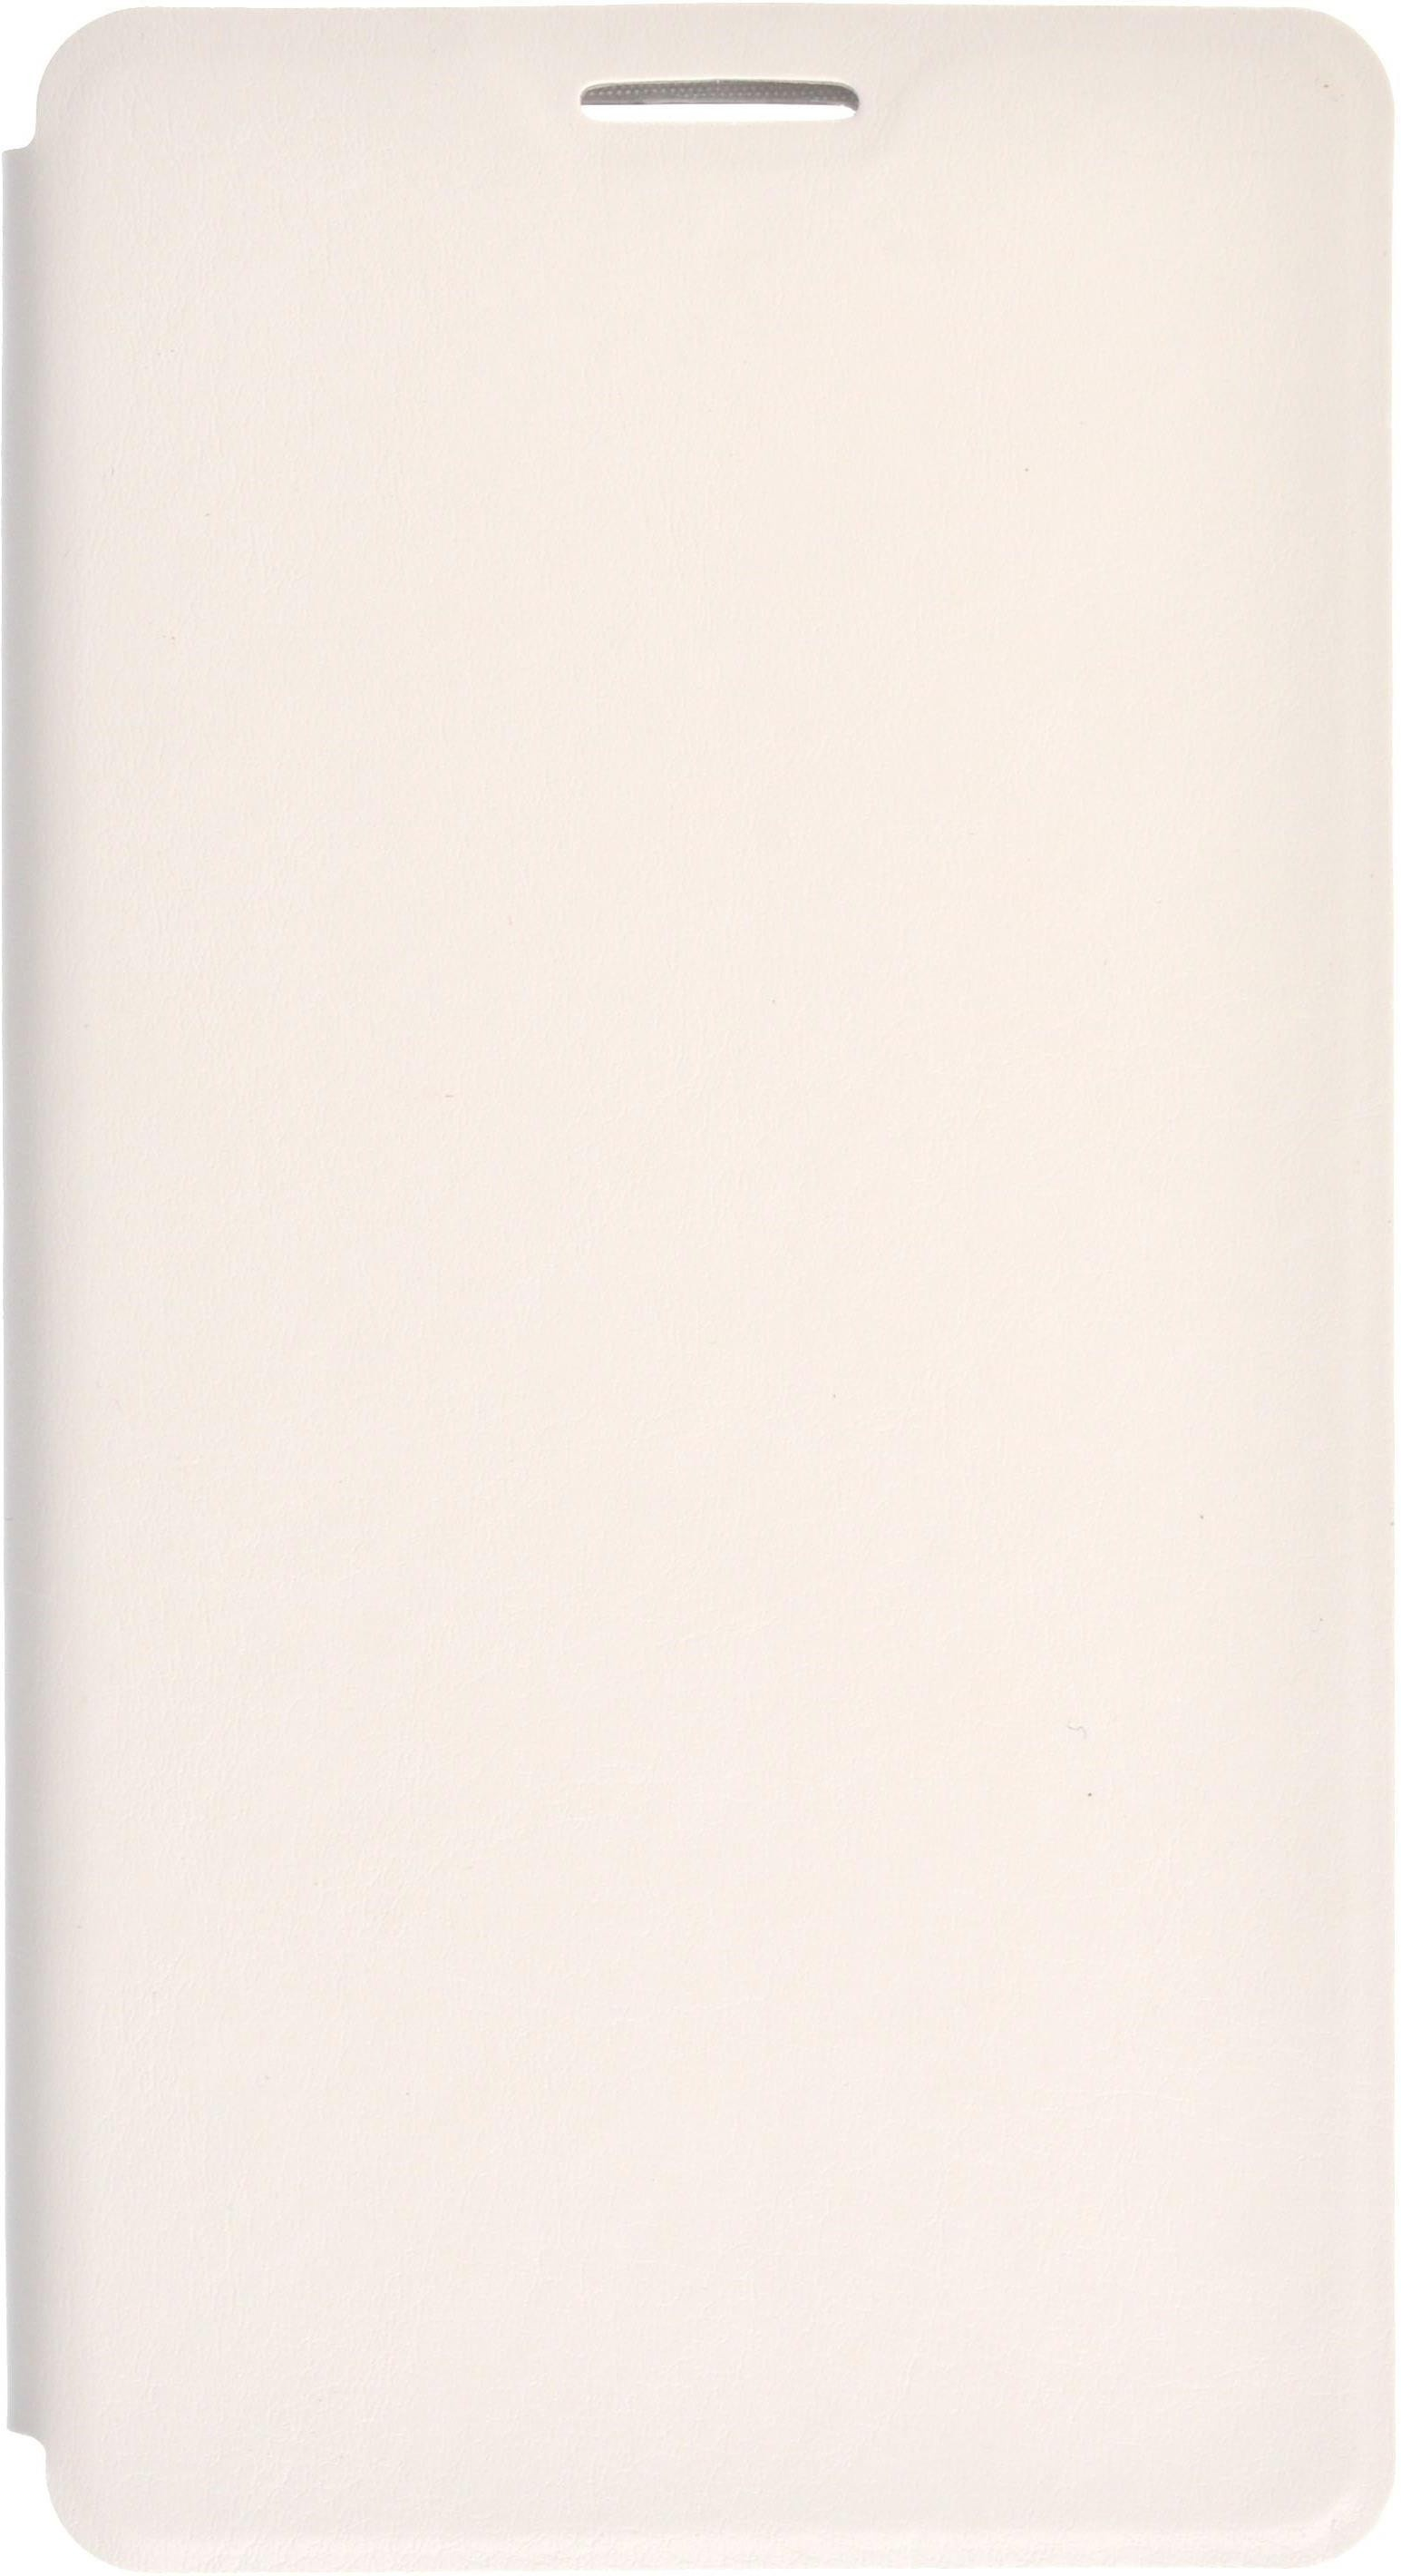 Чехол для сотового телефона skinBOX Lux, 4630042527492, белый